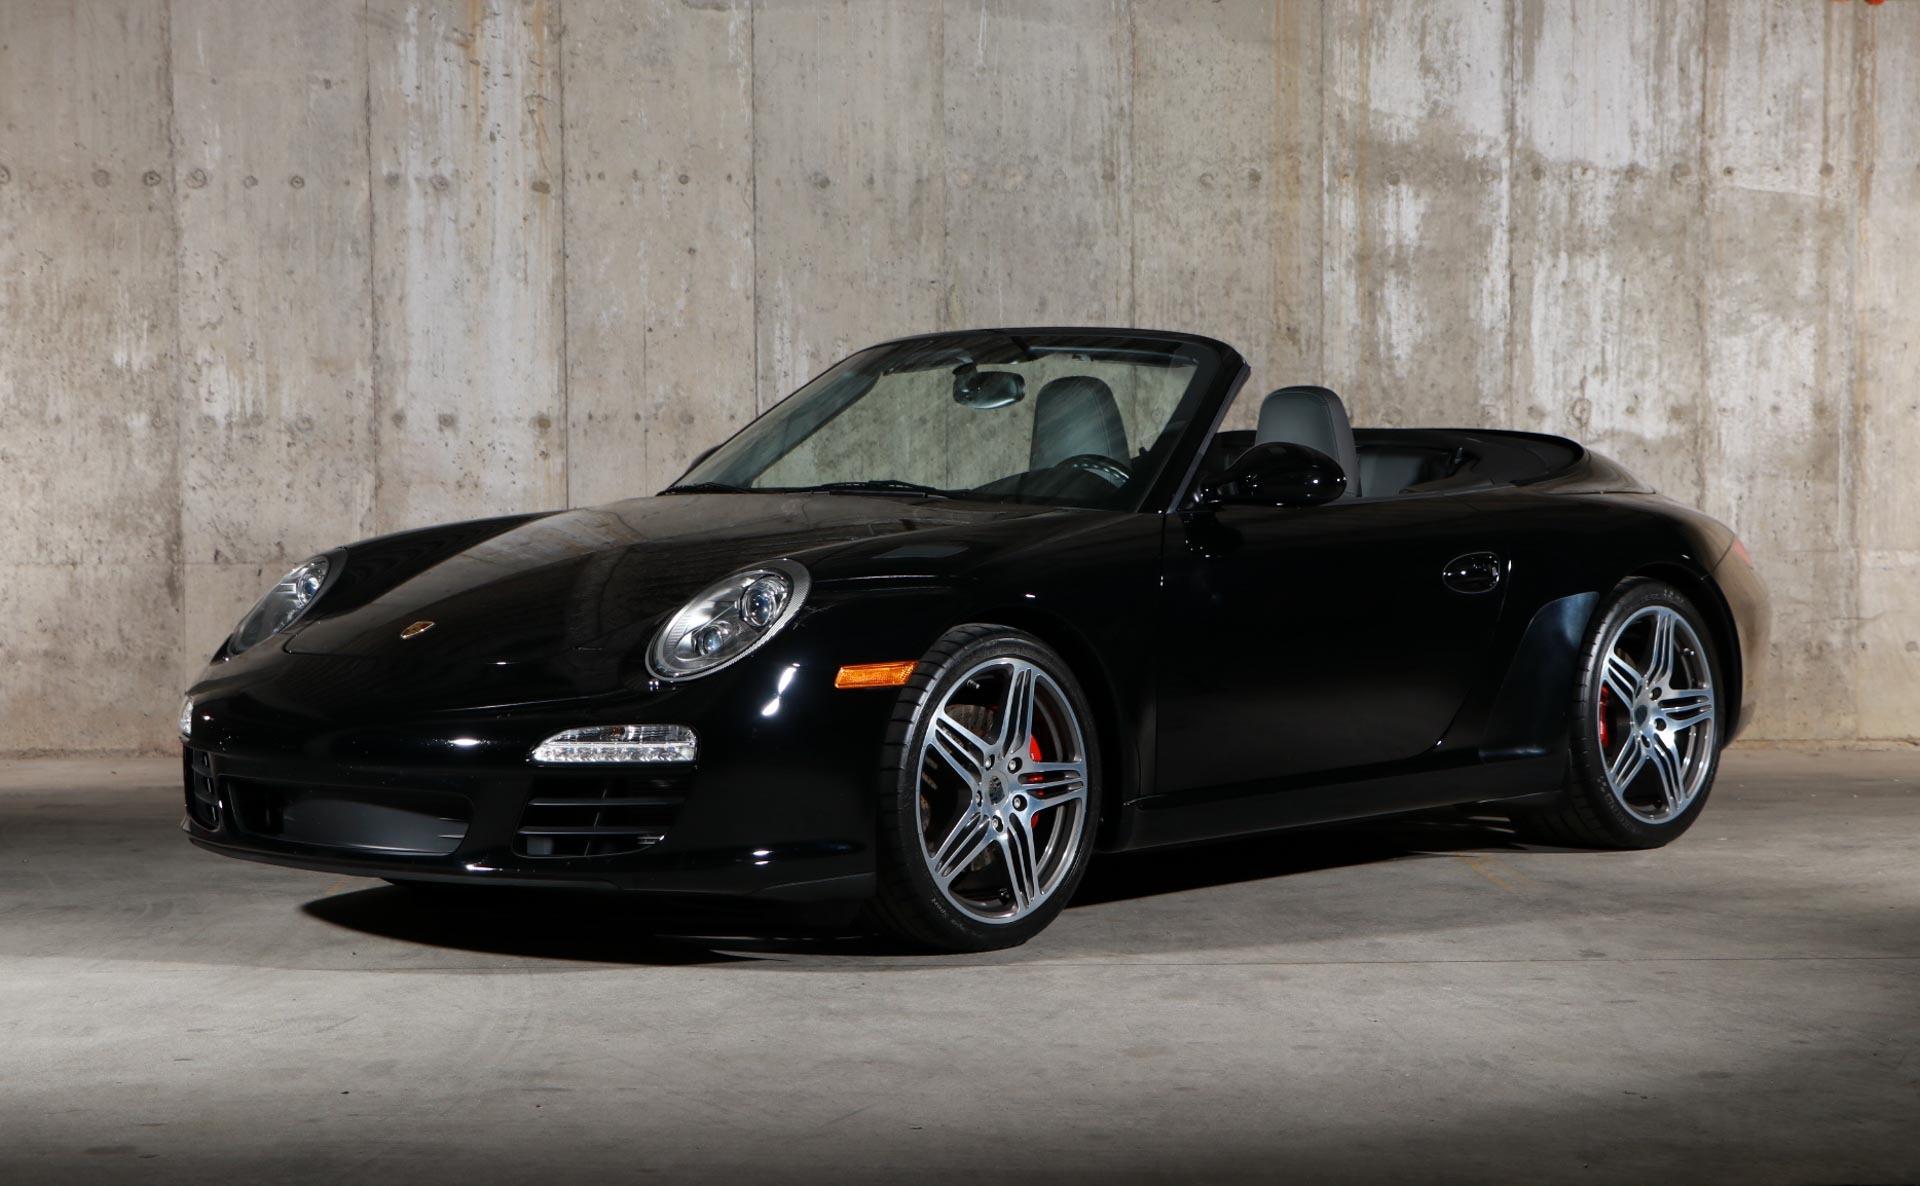 Used 2010 Porsche 911 Carrera S | Glen Cove, NY